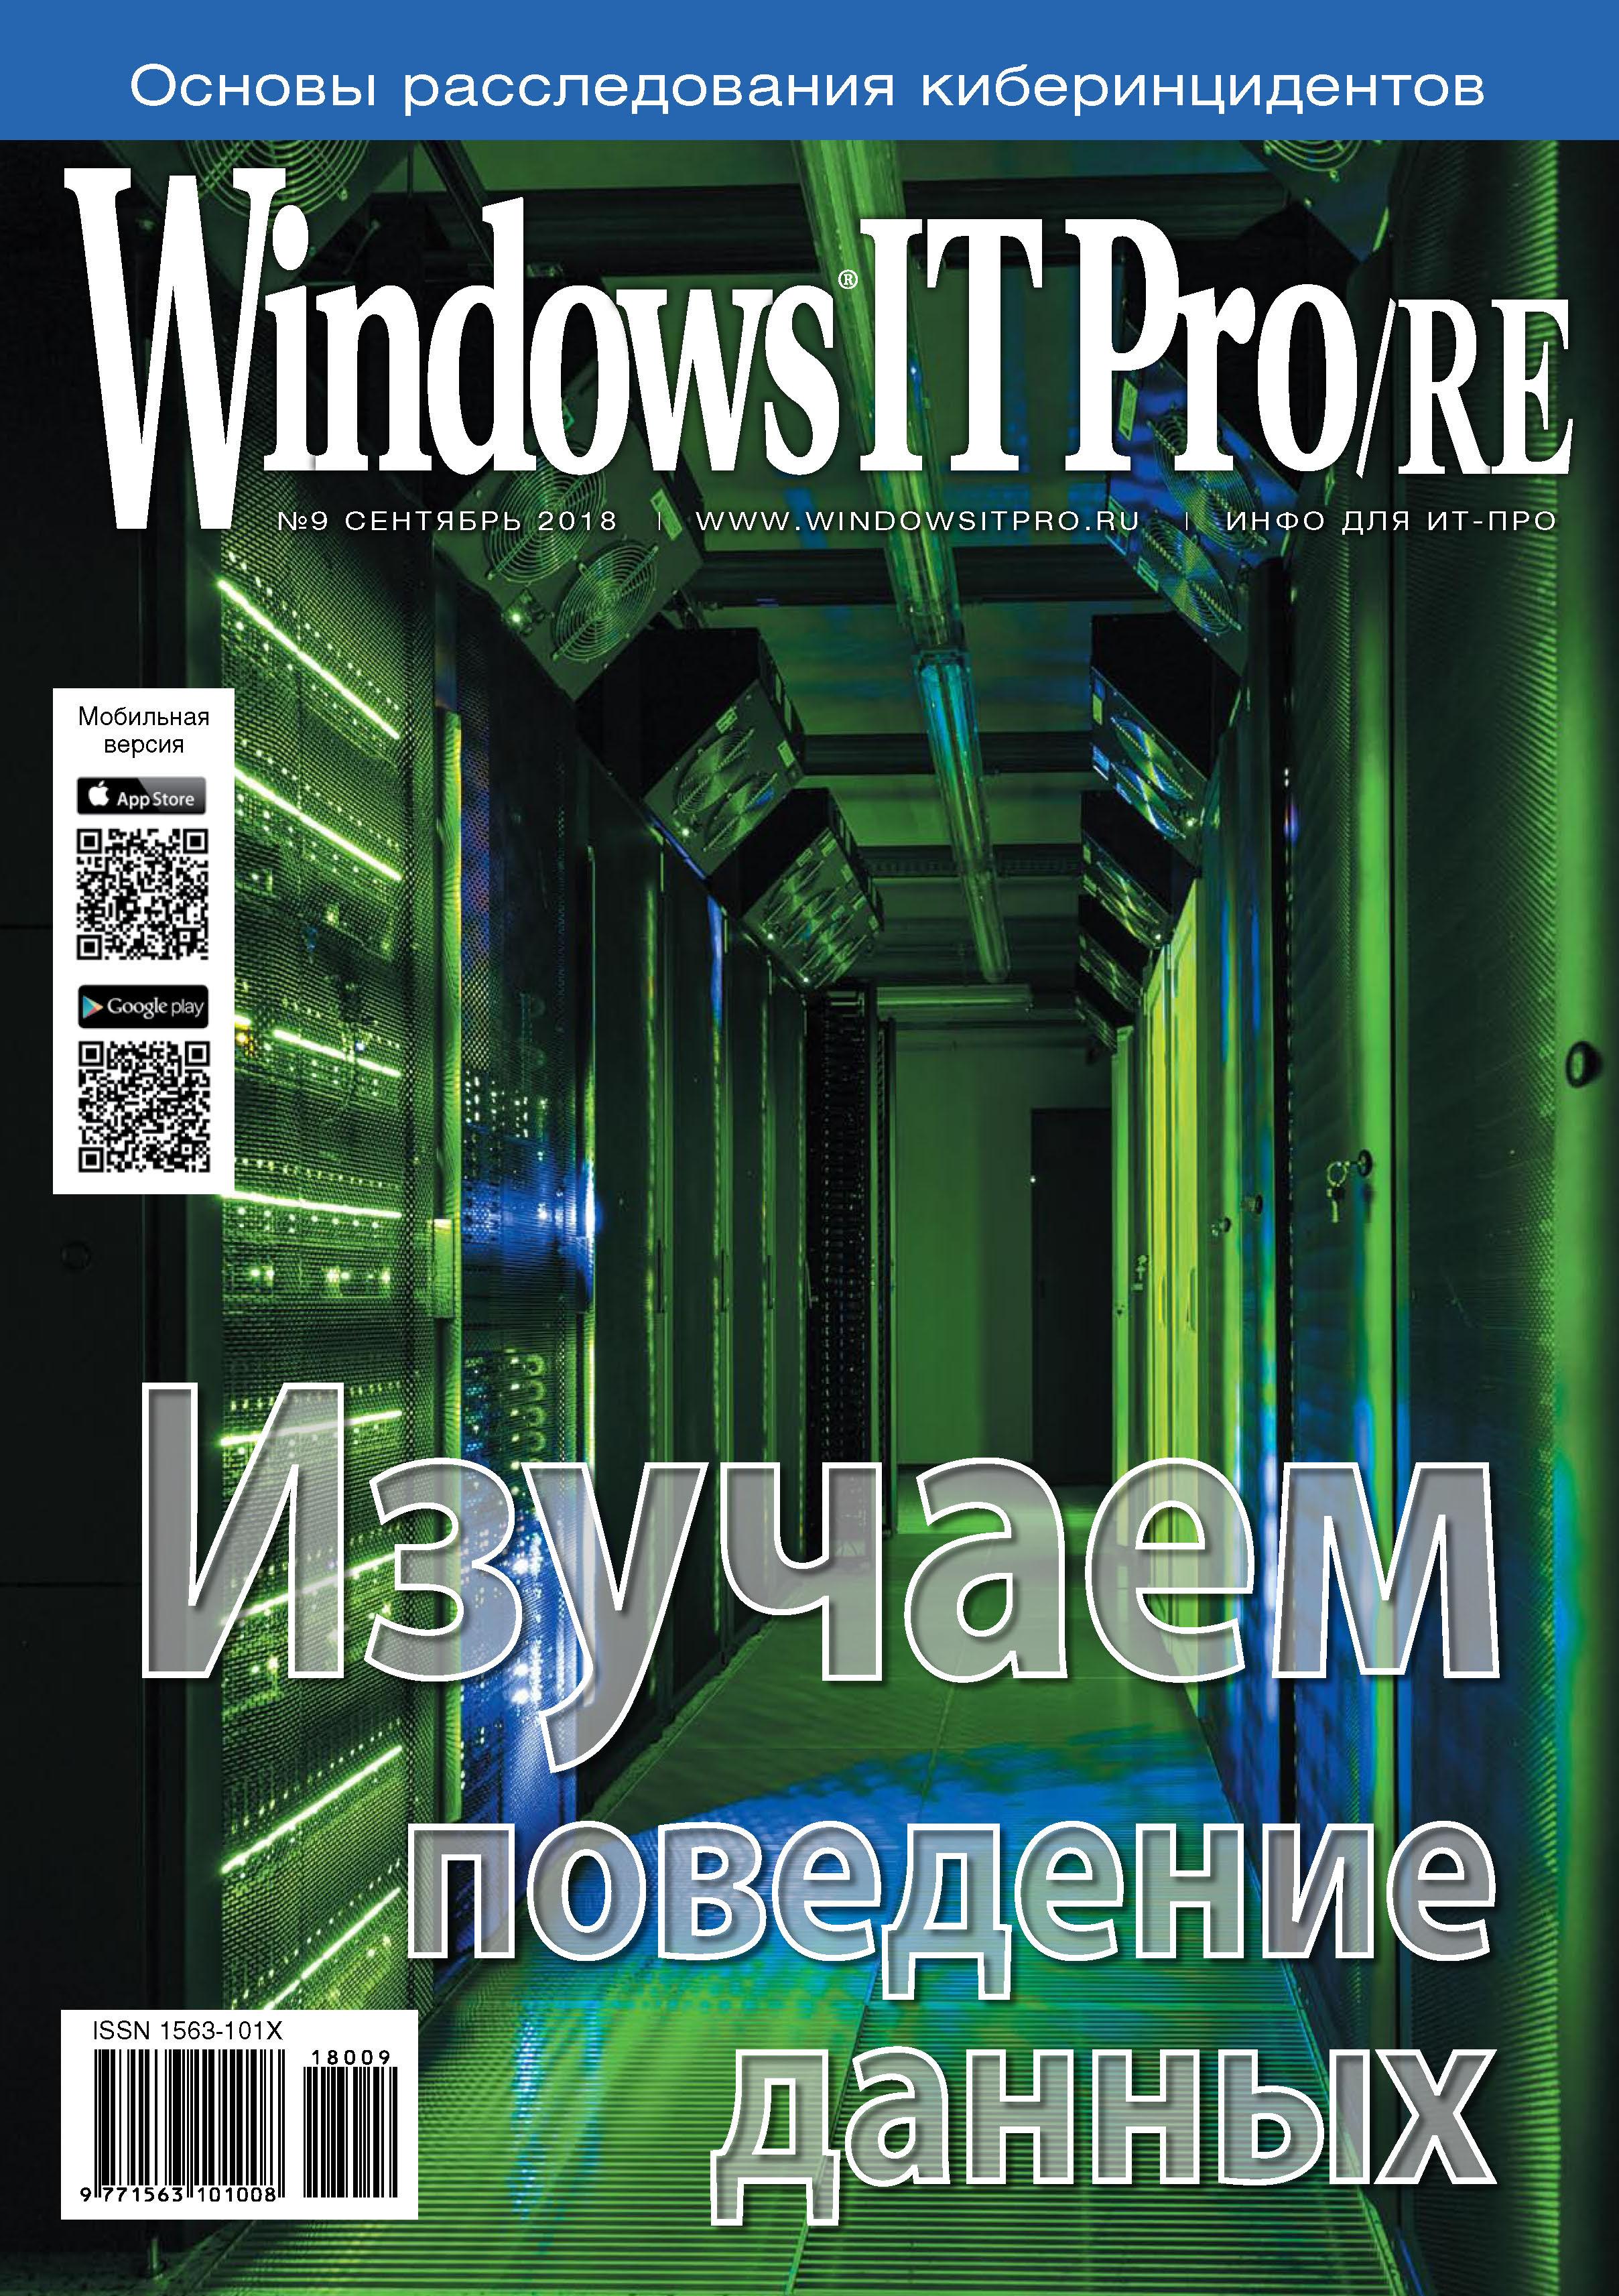 Фото - Открытые системы Windows IT Pro/RE №09/2018 серверы